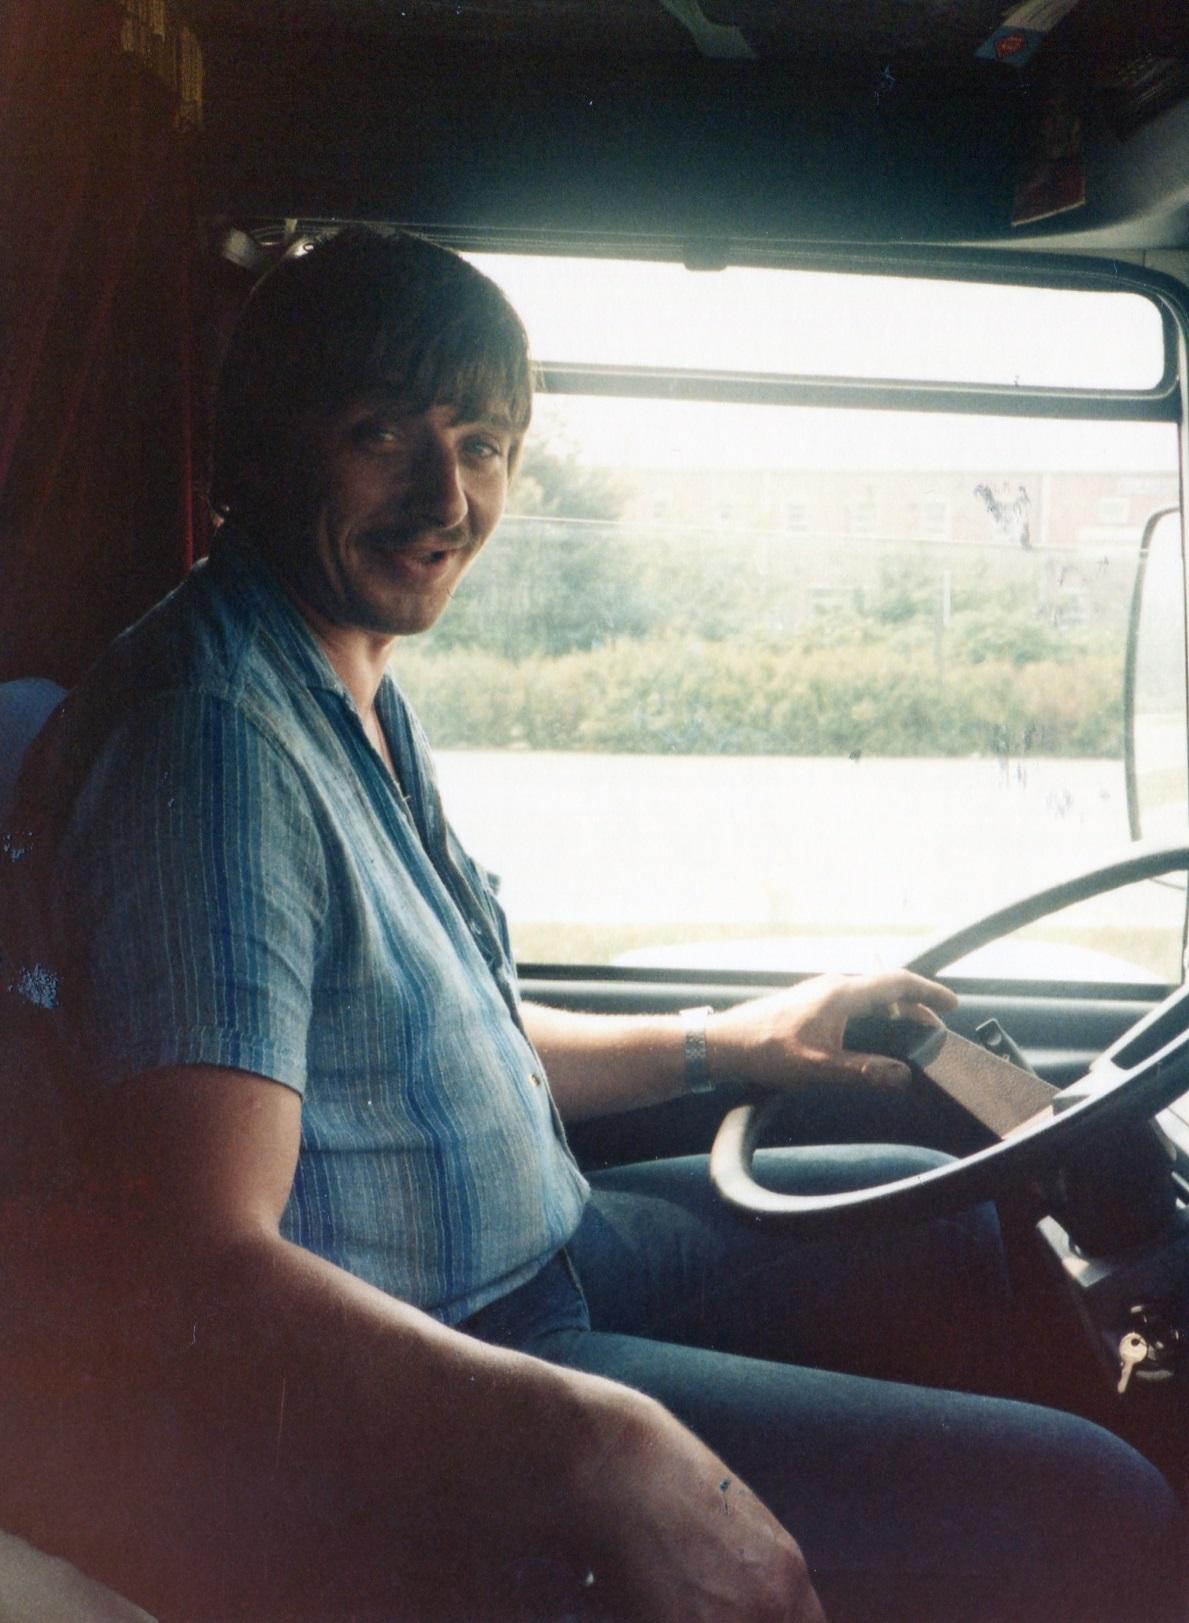 Erwin-chauffeur-van-het-bedrijf